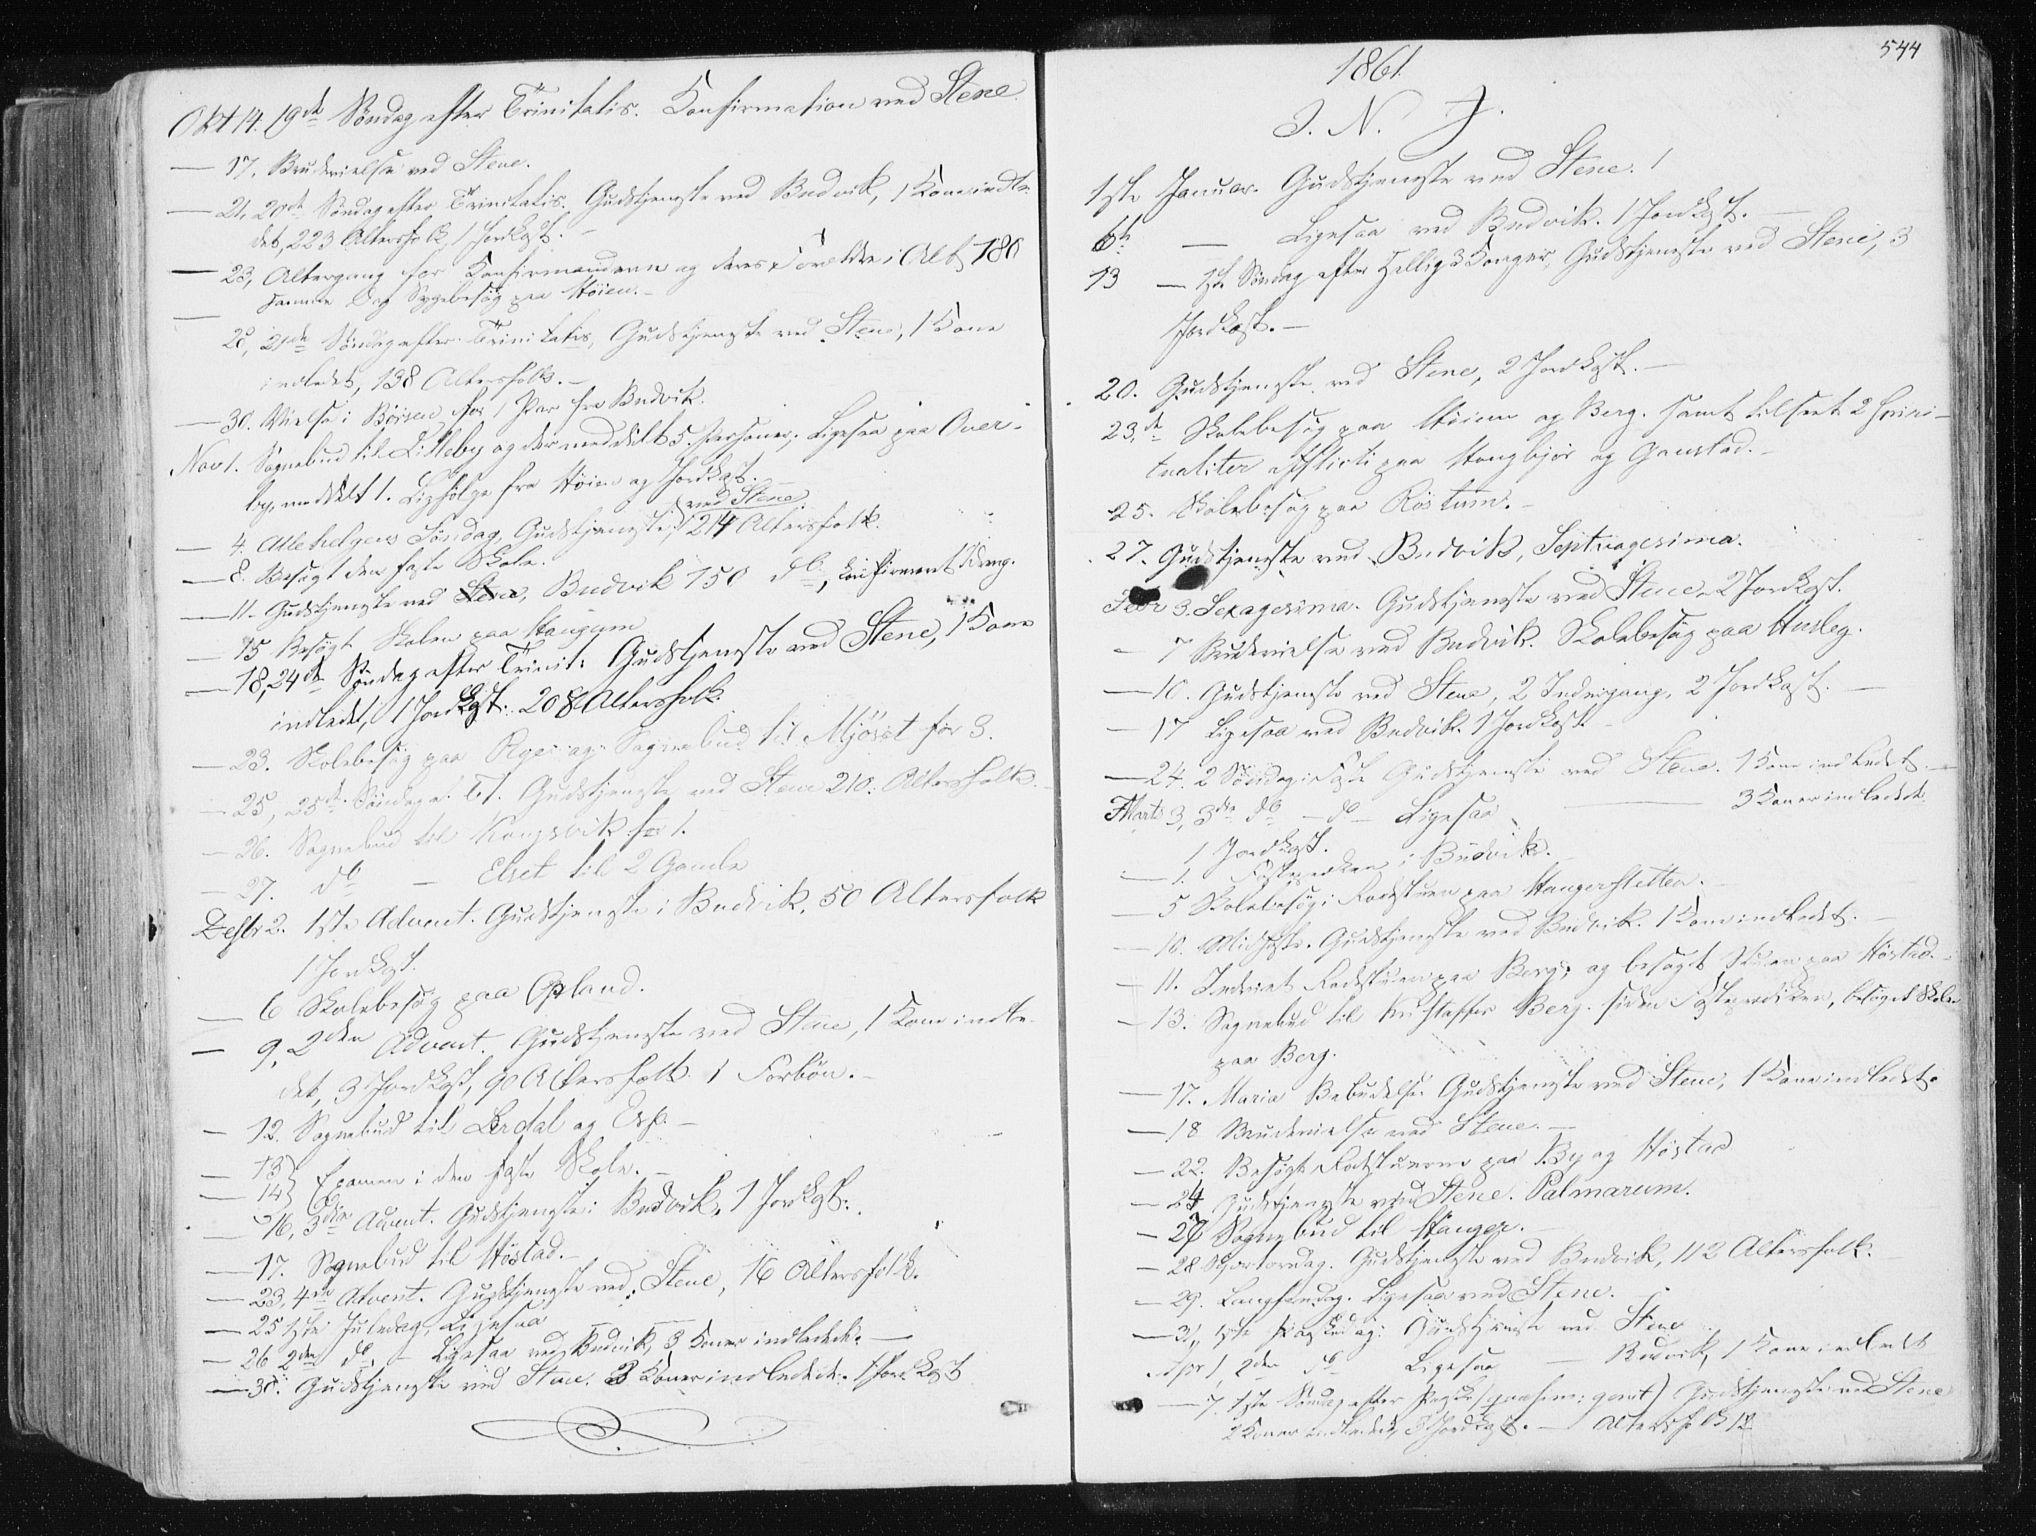 SAT, Ministerialprotokoller, klokkerbøker og fødselsregistre - Sør-Trøndelag, 612/L0377: Ministerialbok nr. 612A09, 1859-1877, s. 544